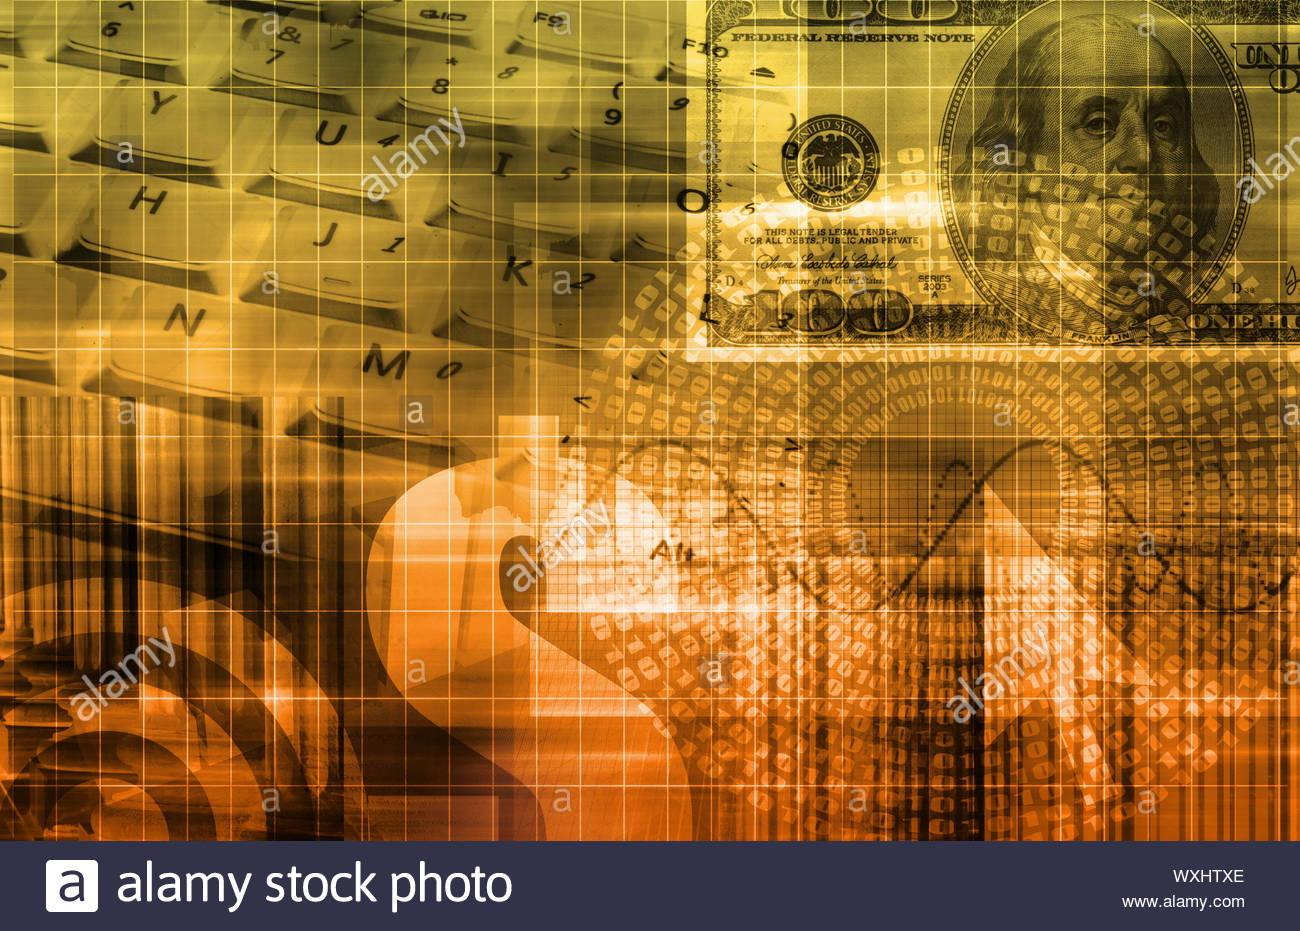 A Finance Spreadsheet Tech Graph Art Background Stock Photo 1300x931